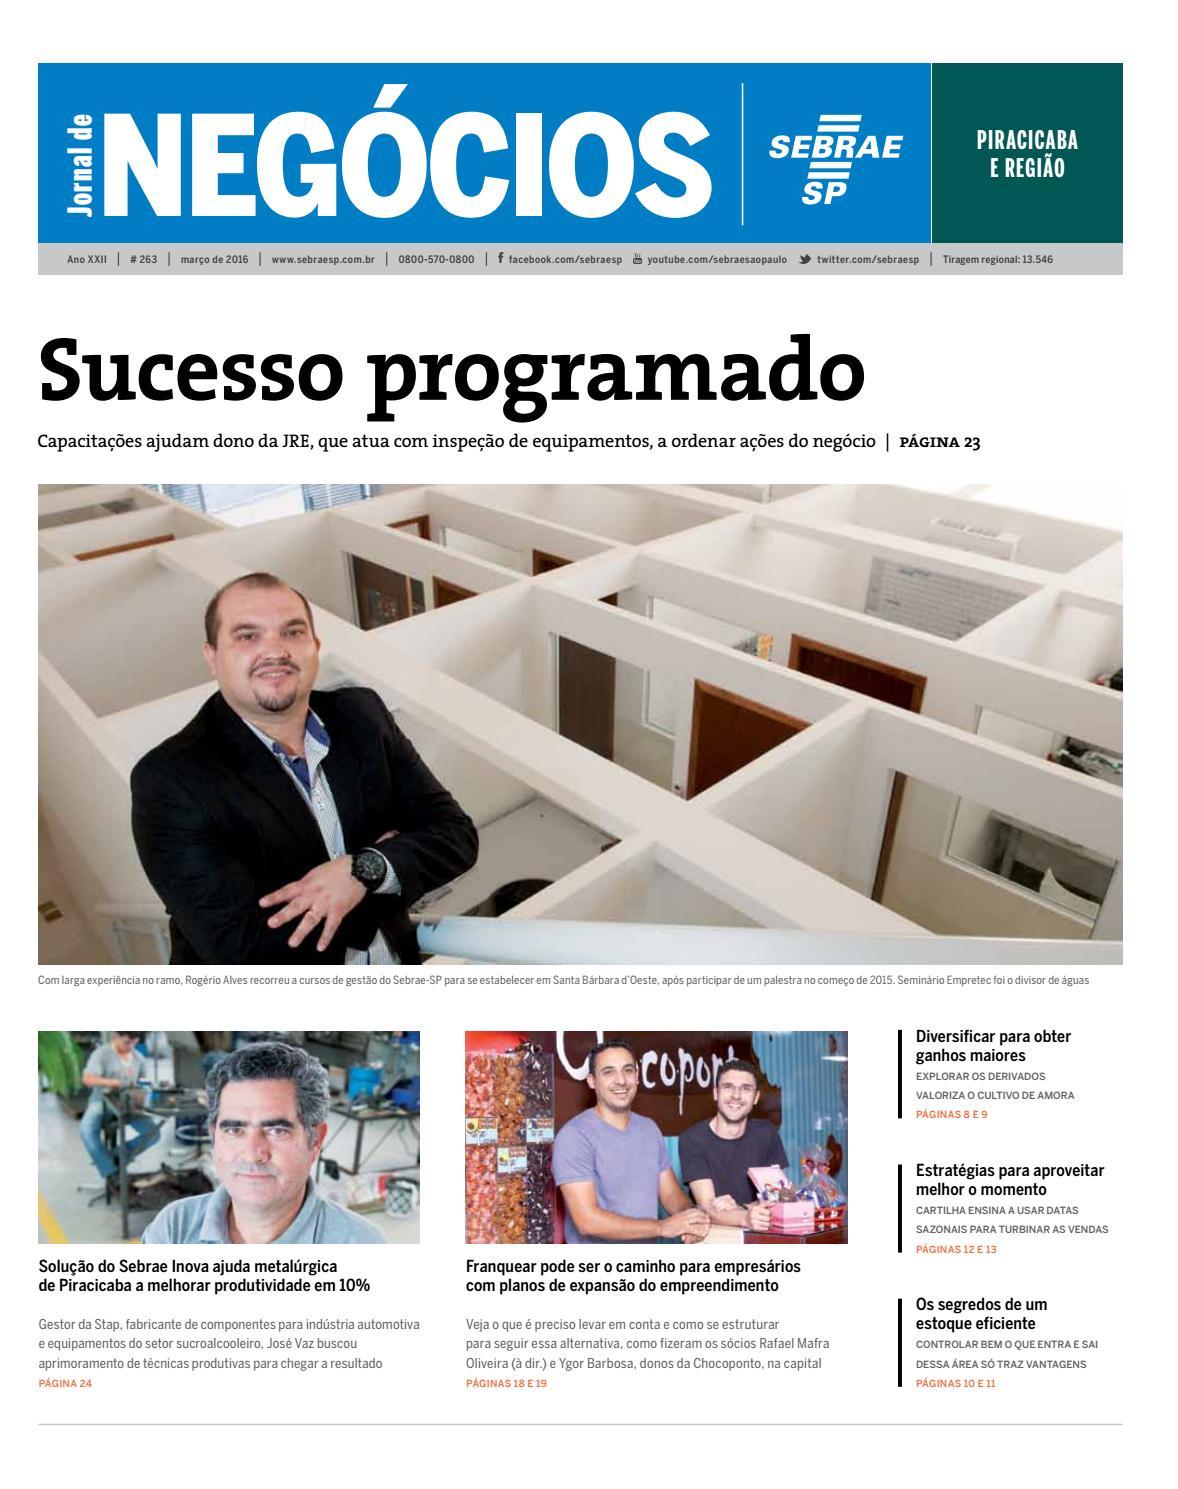 Jornal De Neg Cios Sebrae Sp 01 De Mar O De 2016 Piracicaba E